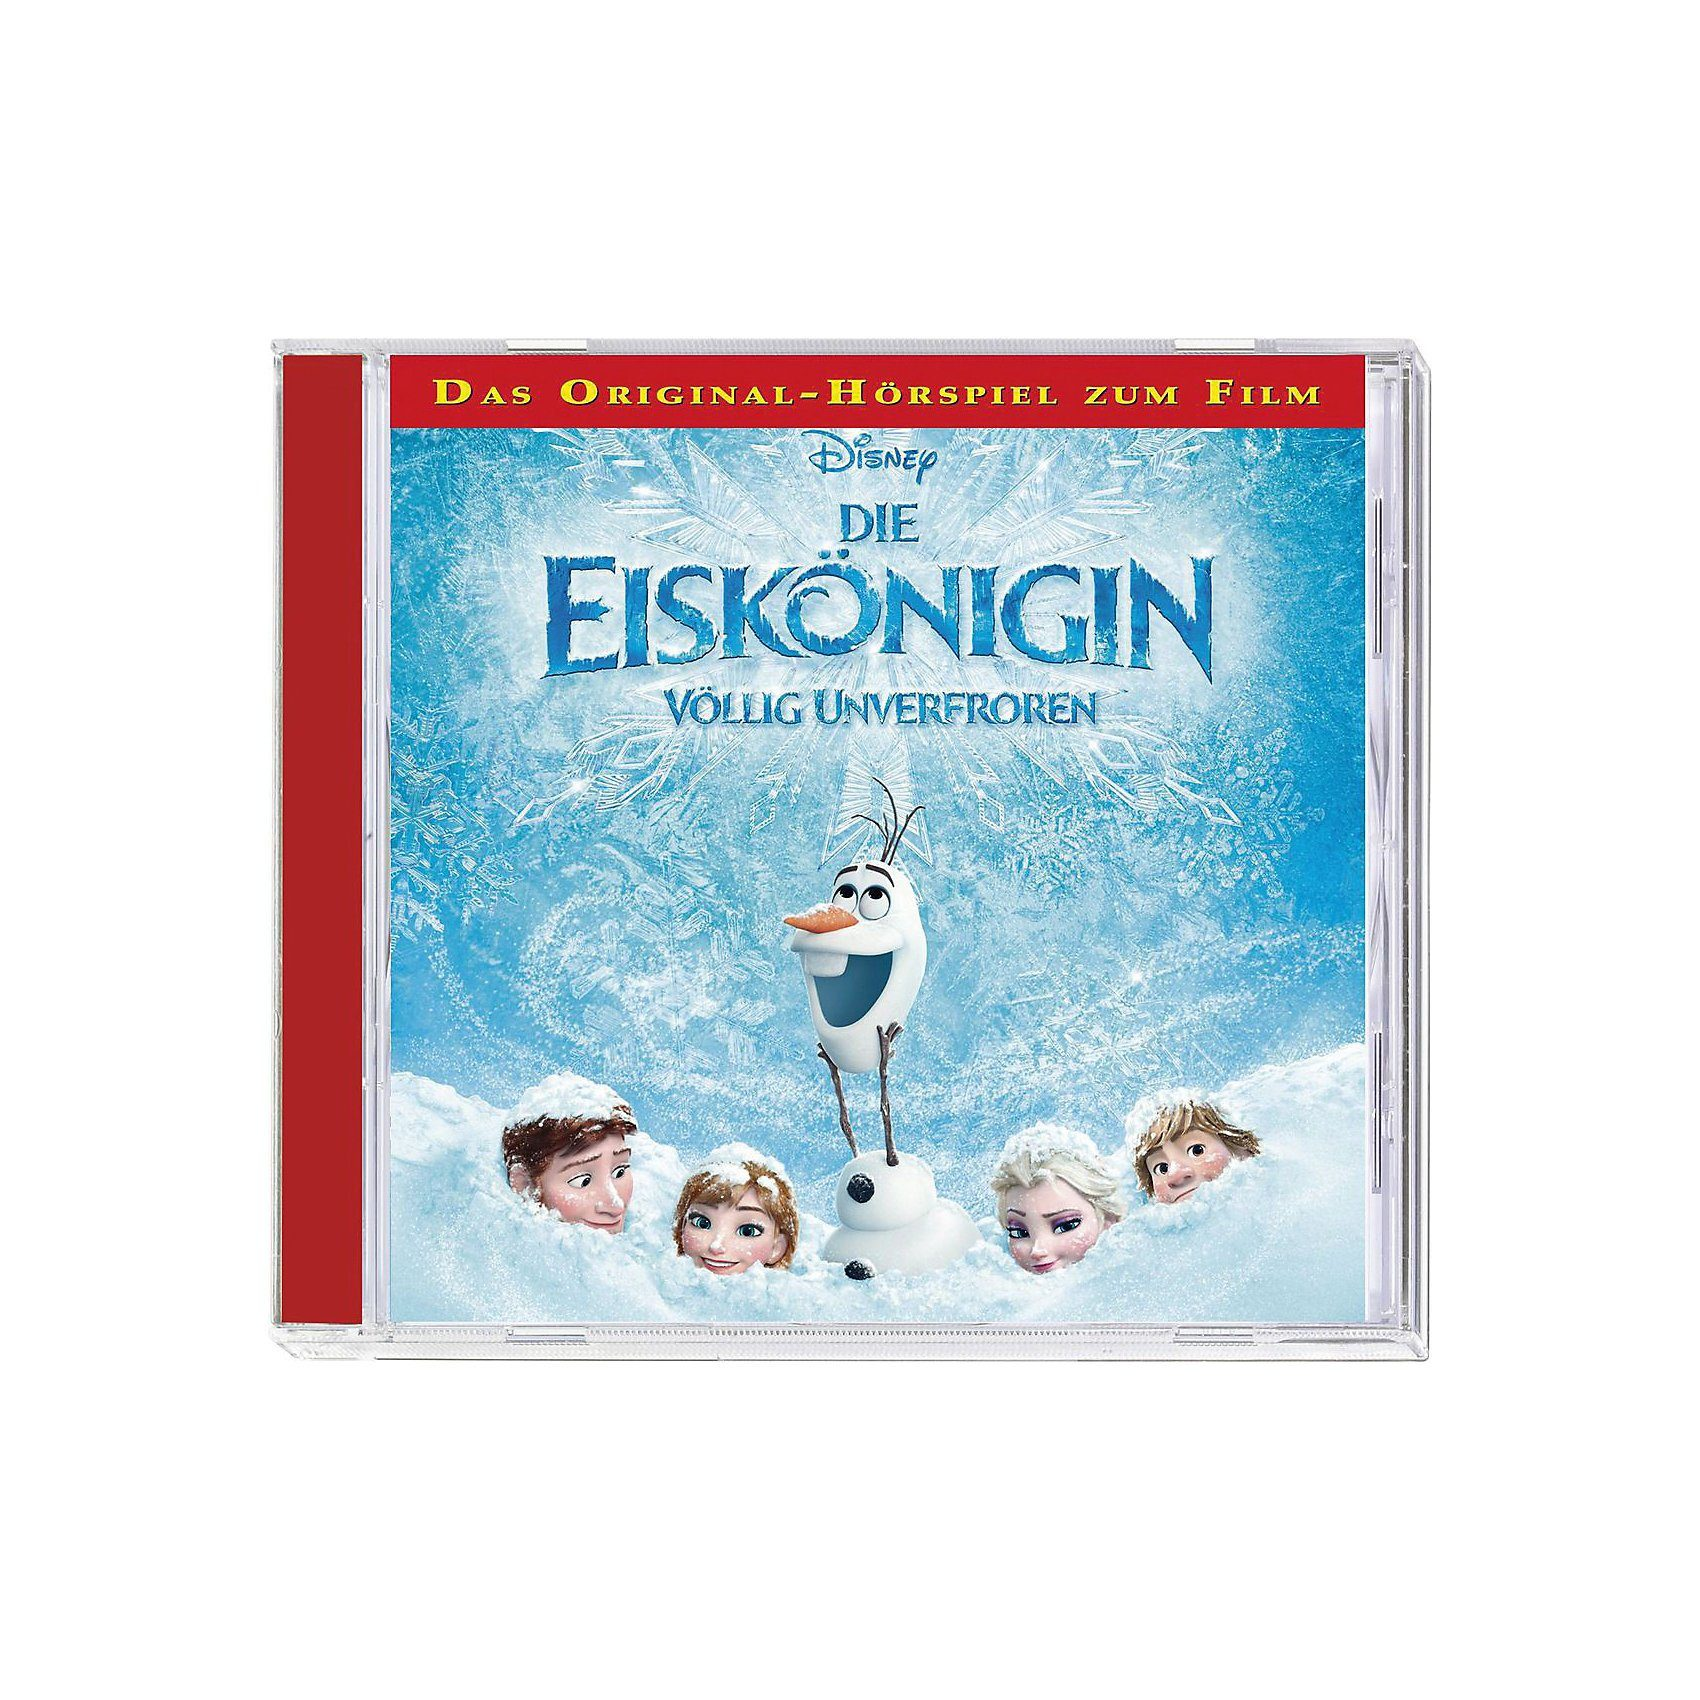 Kiddinx CD Disney - Die Eiskönigin (Hörspiel zum Film)